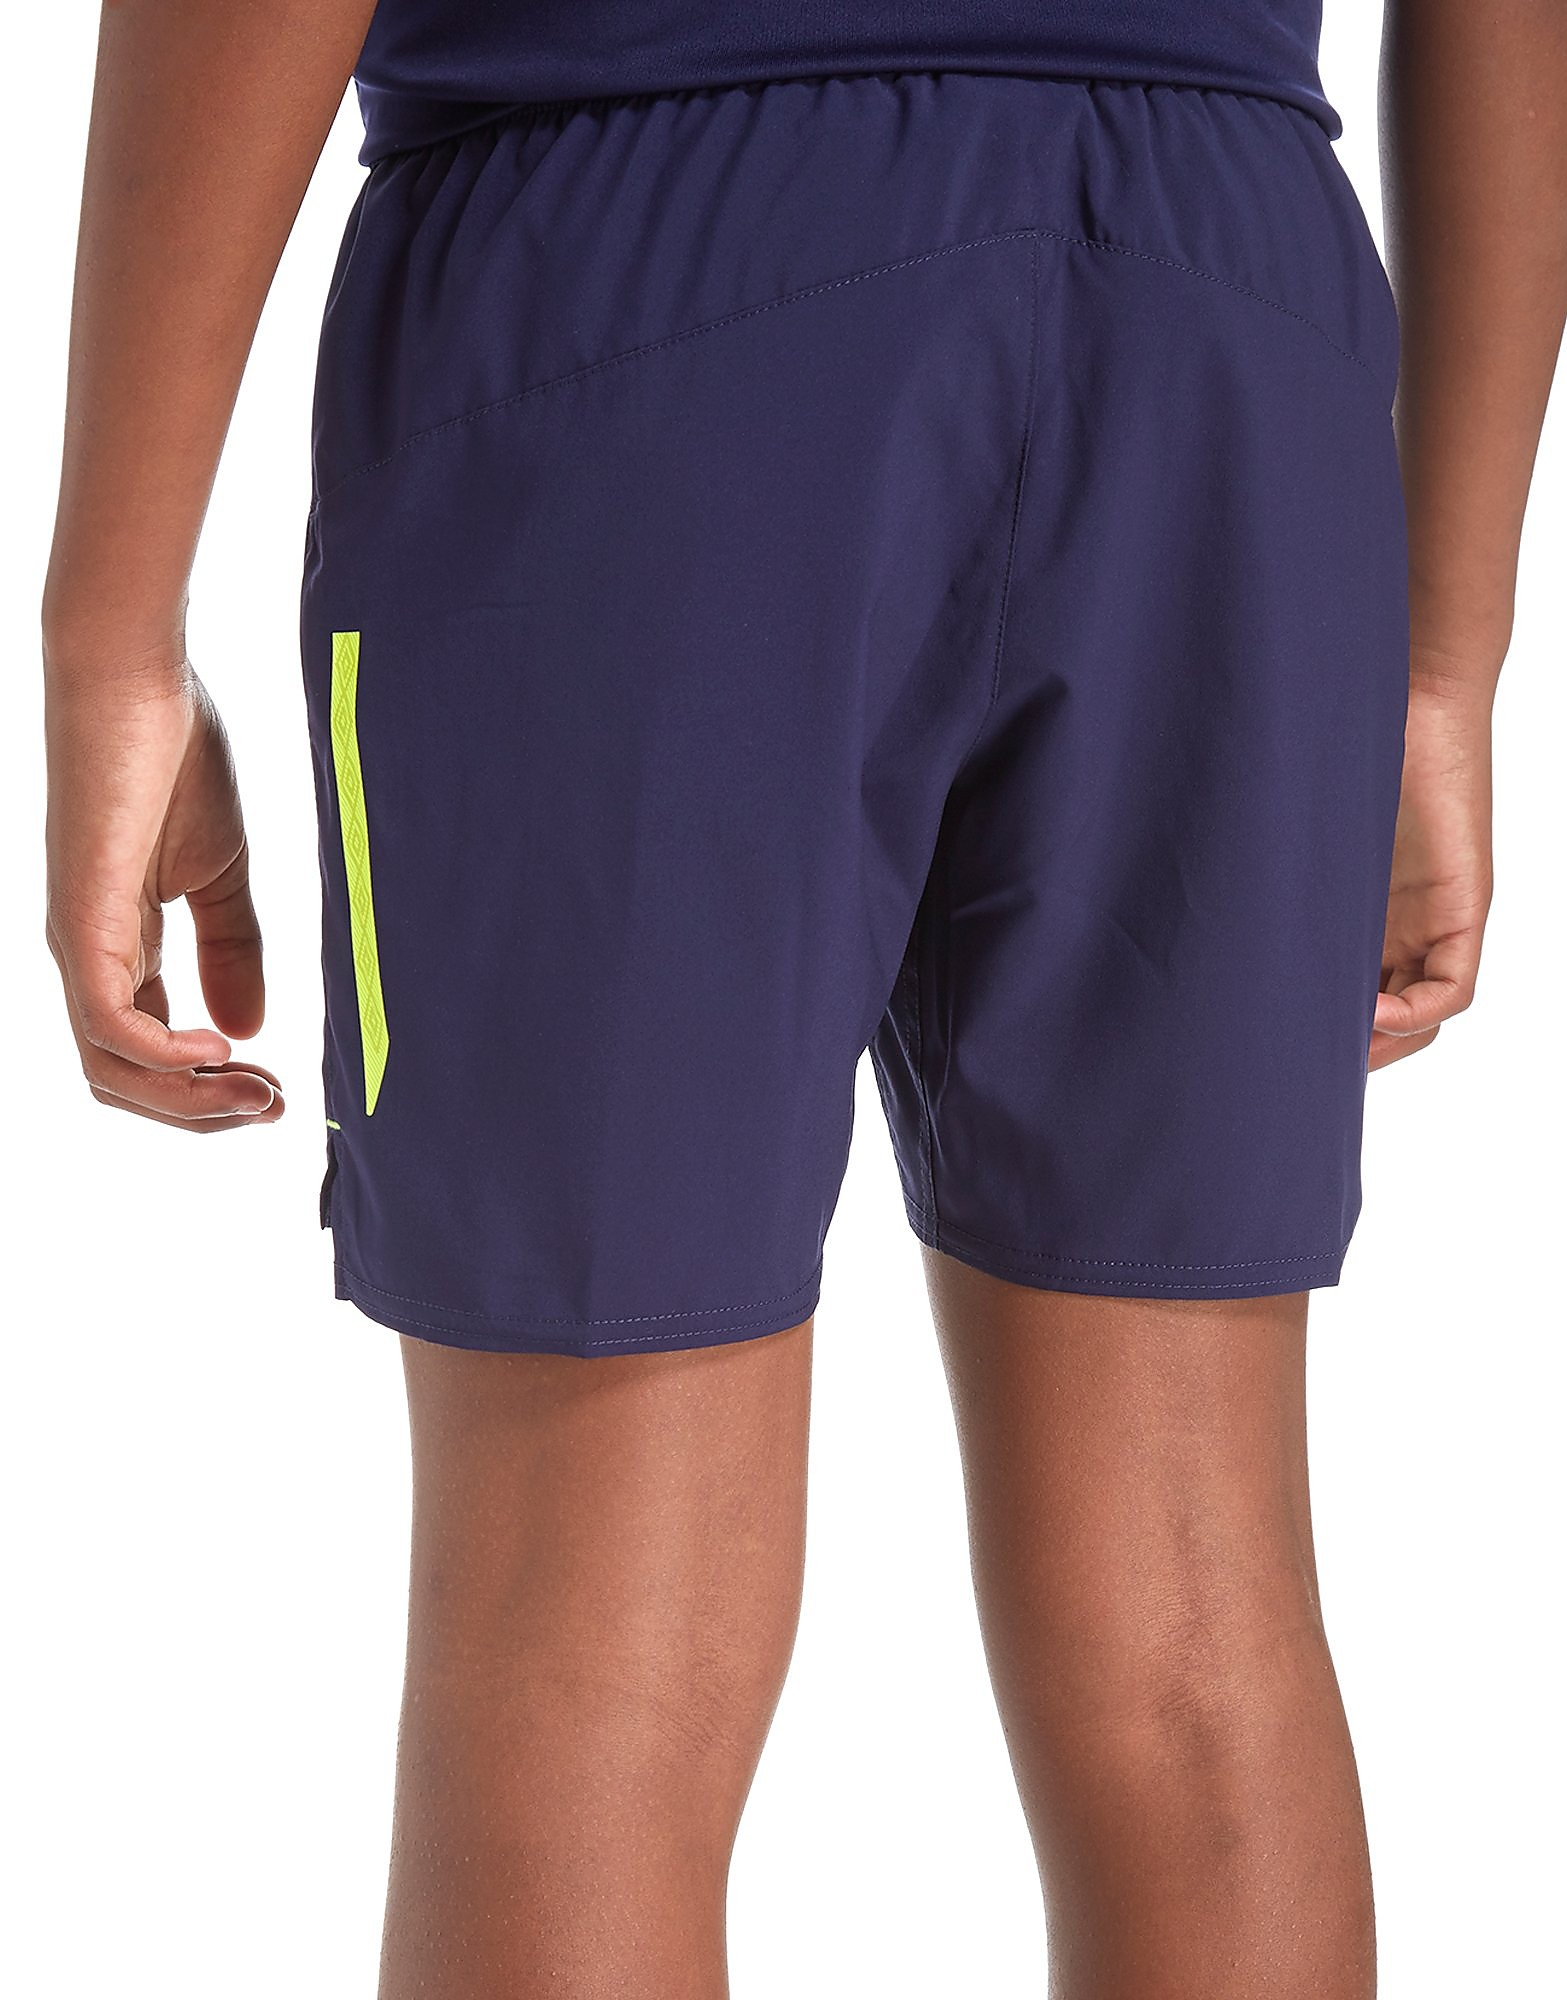 Umbro Everton FC 2017/18 Third Shorts Junior